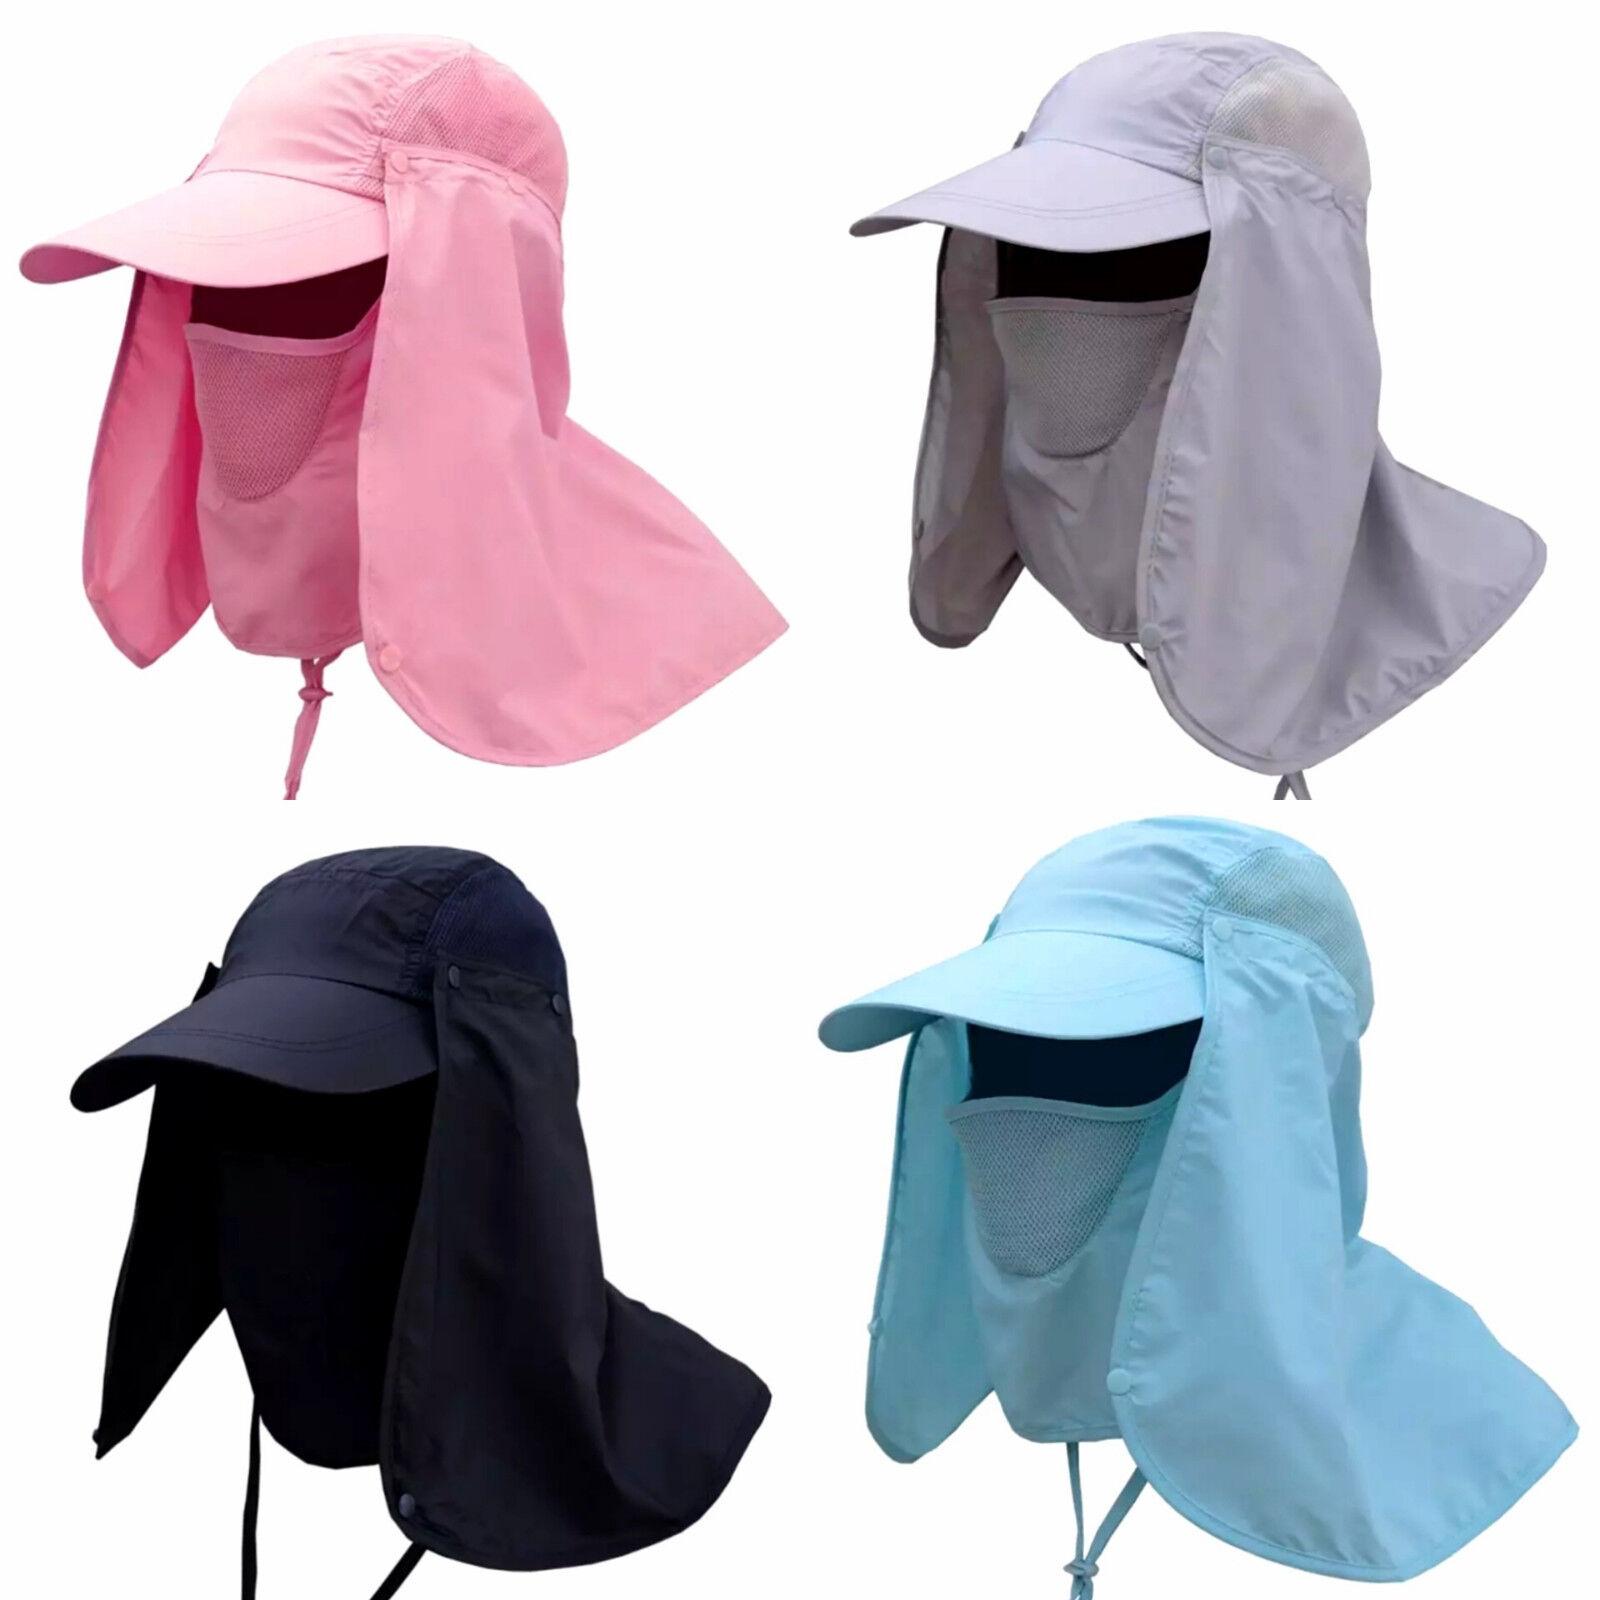 Gorra protección protección protección facial protección cuello outdoor protección solar Safari cap cuello de protección  tienda en linea